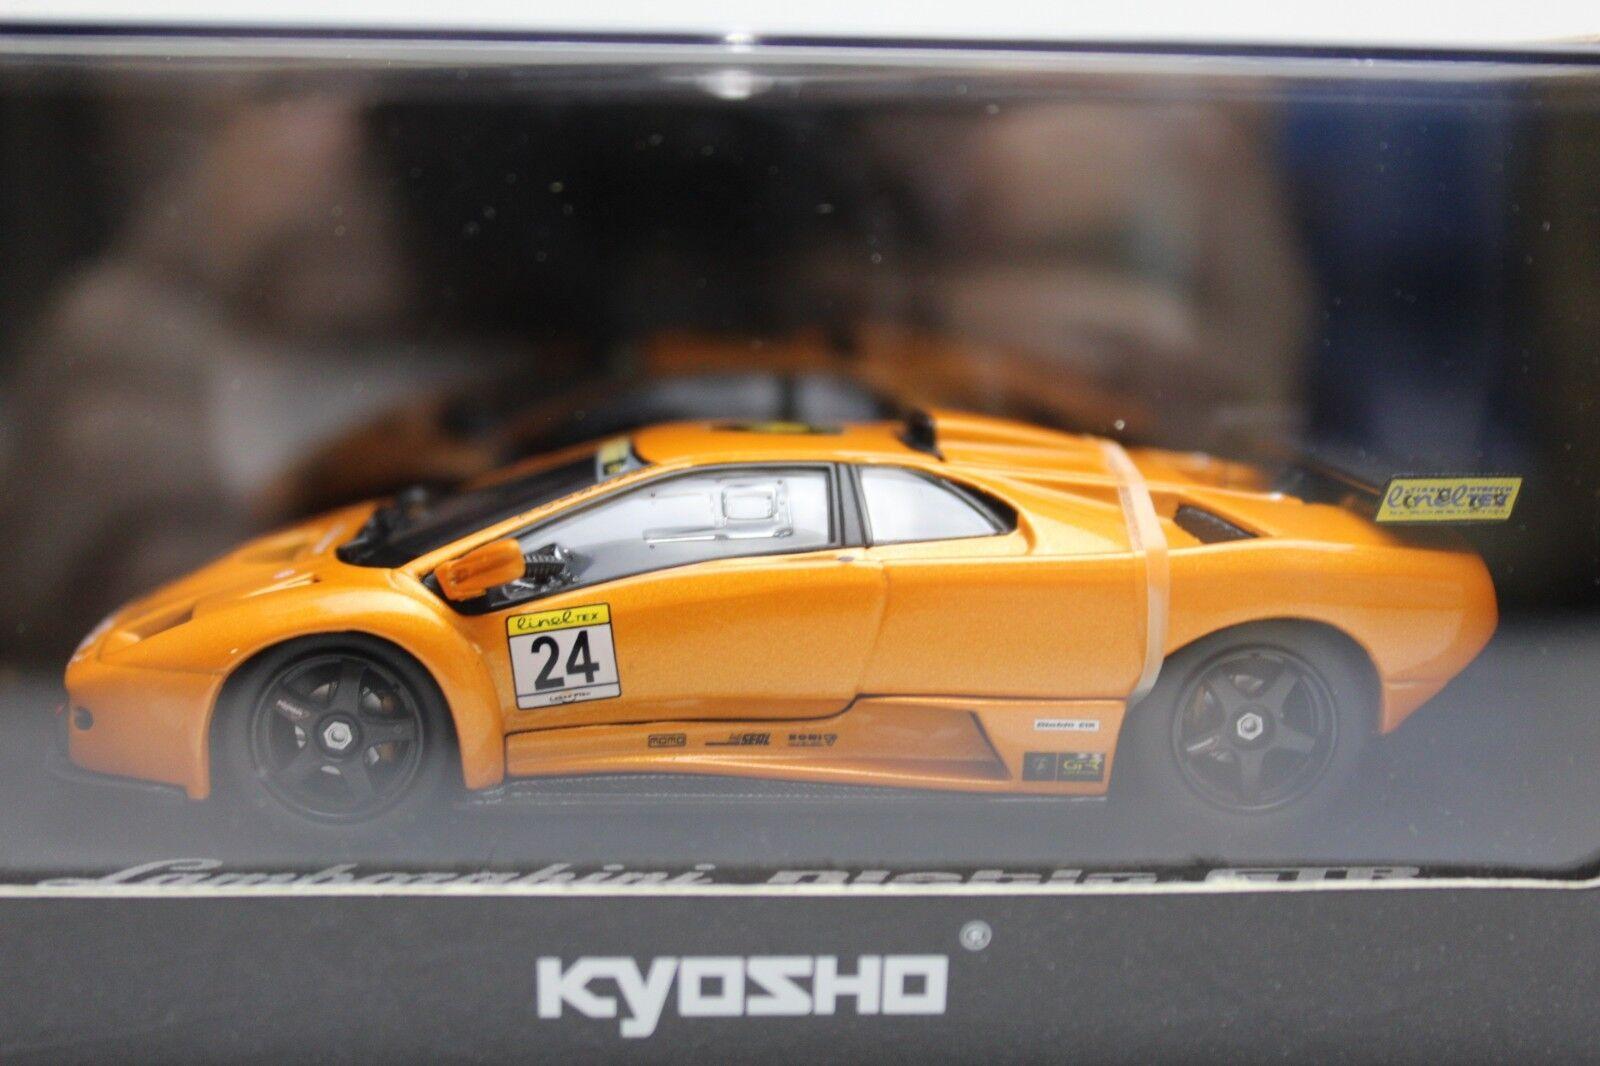 Kyosho Lamborghini Diablo GT-R no 24 orange 1 43 Model Car New in Box 03215E